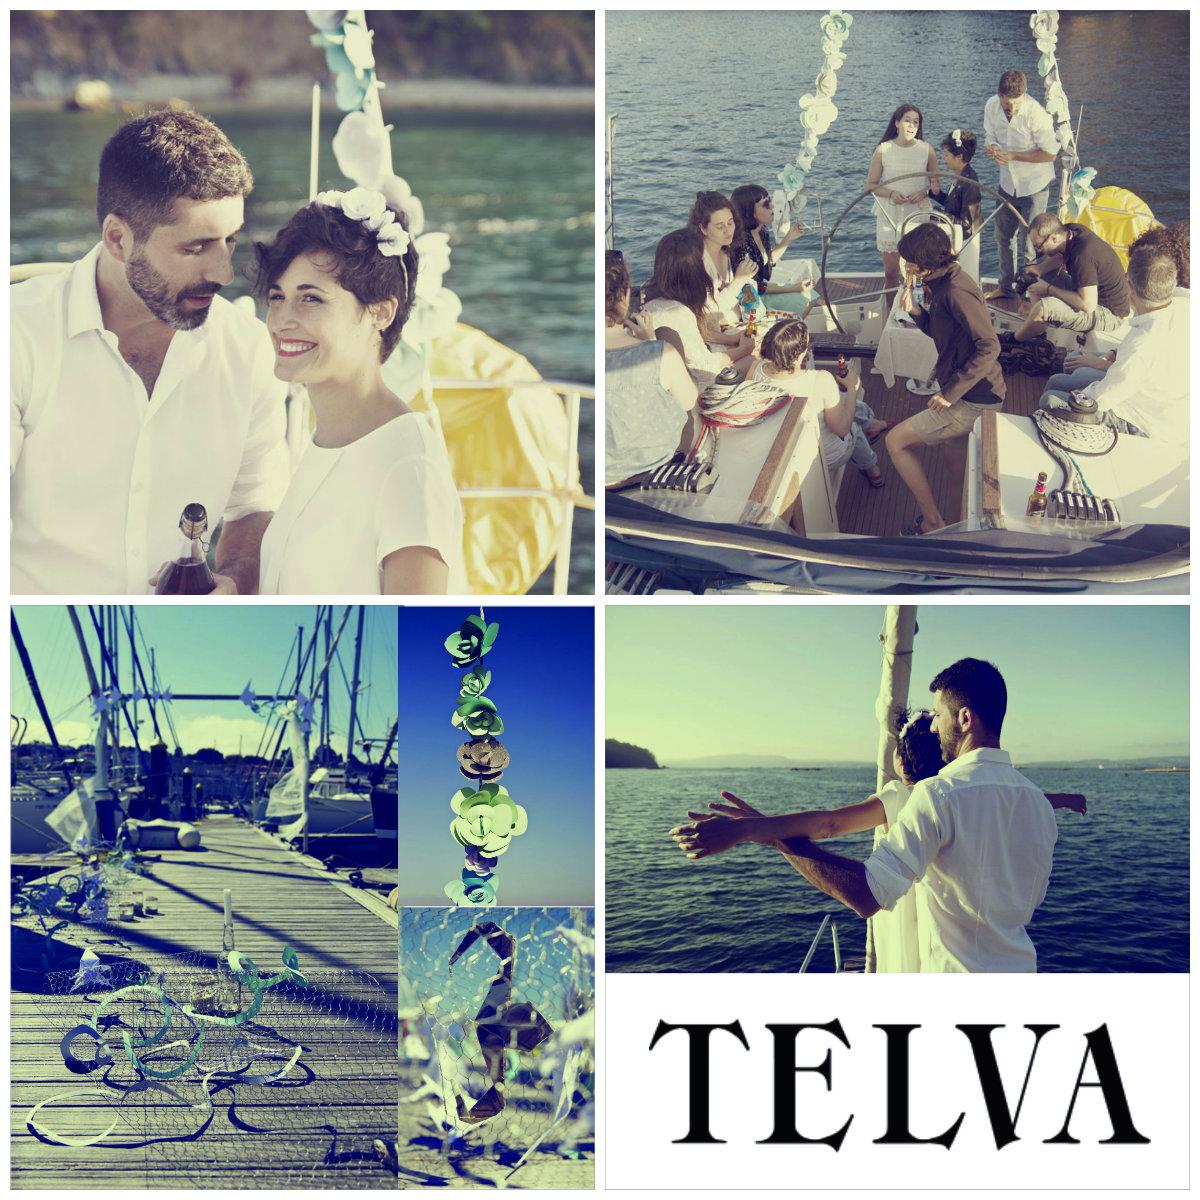 Anaquiños en Telva.com Una boda en alta mar